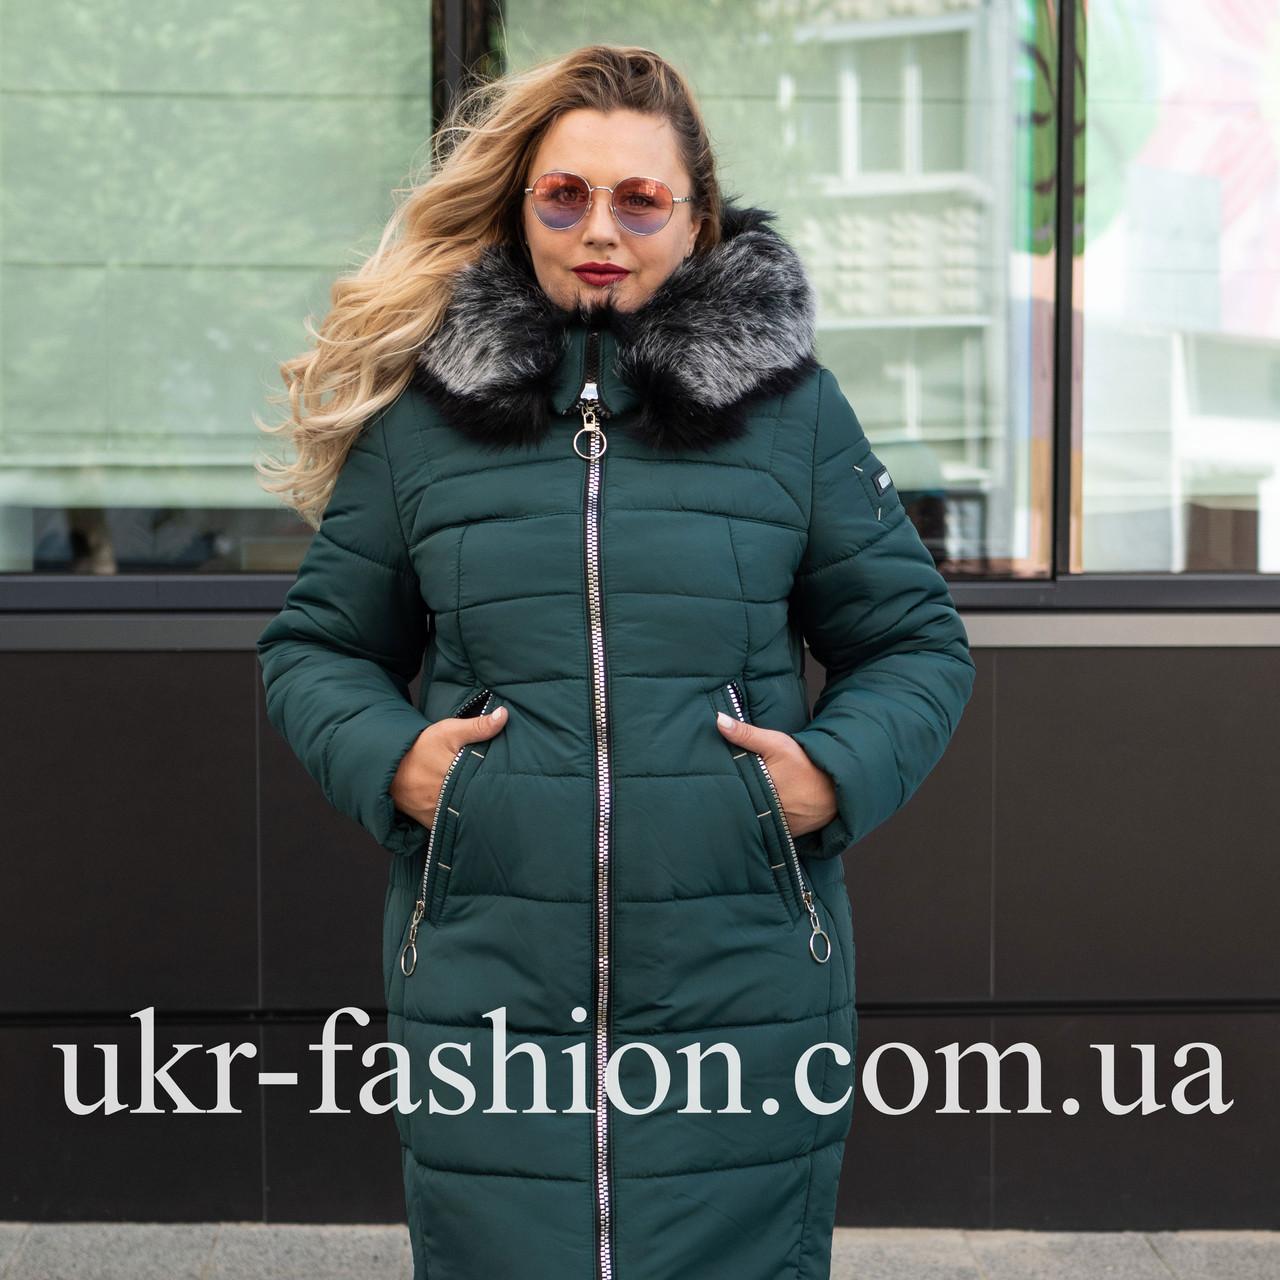 Женские куртки зима большого размера  54,56 волна